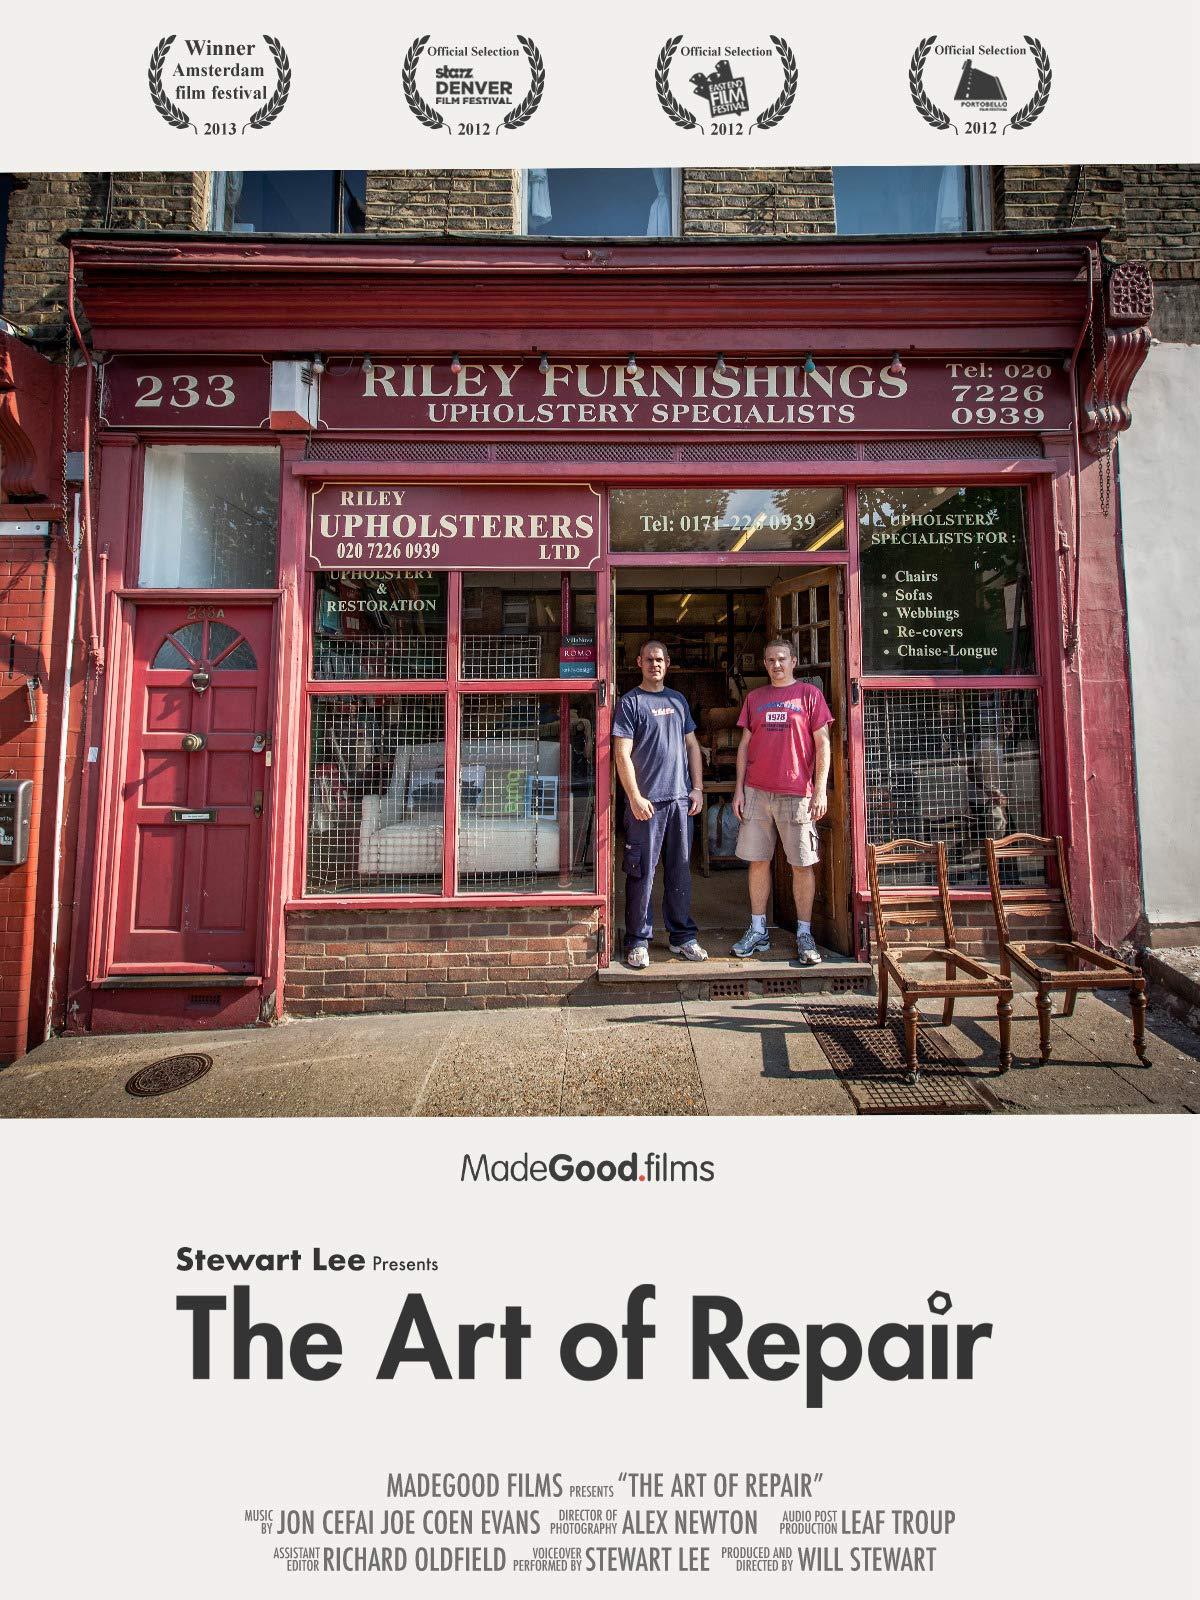 The Art of Repair with Stewart Lee